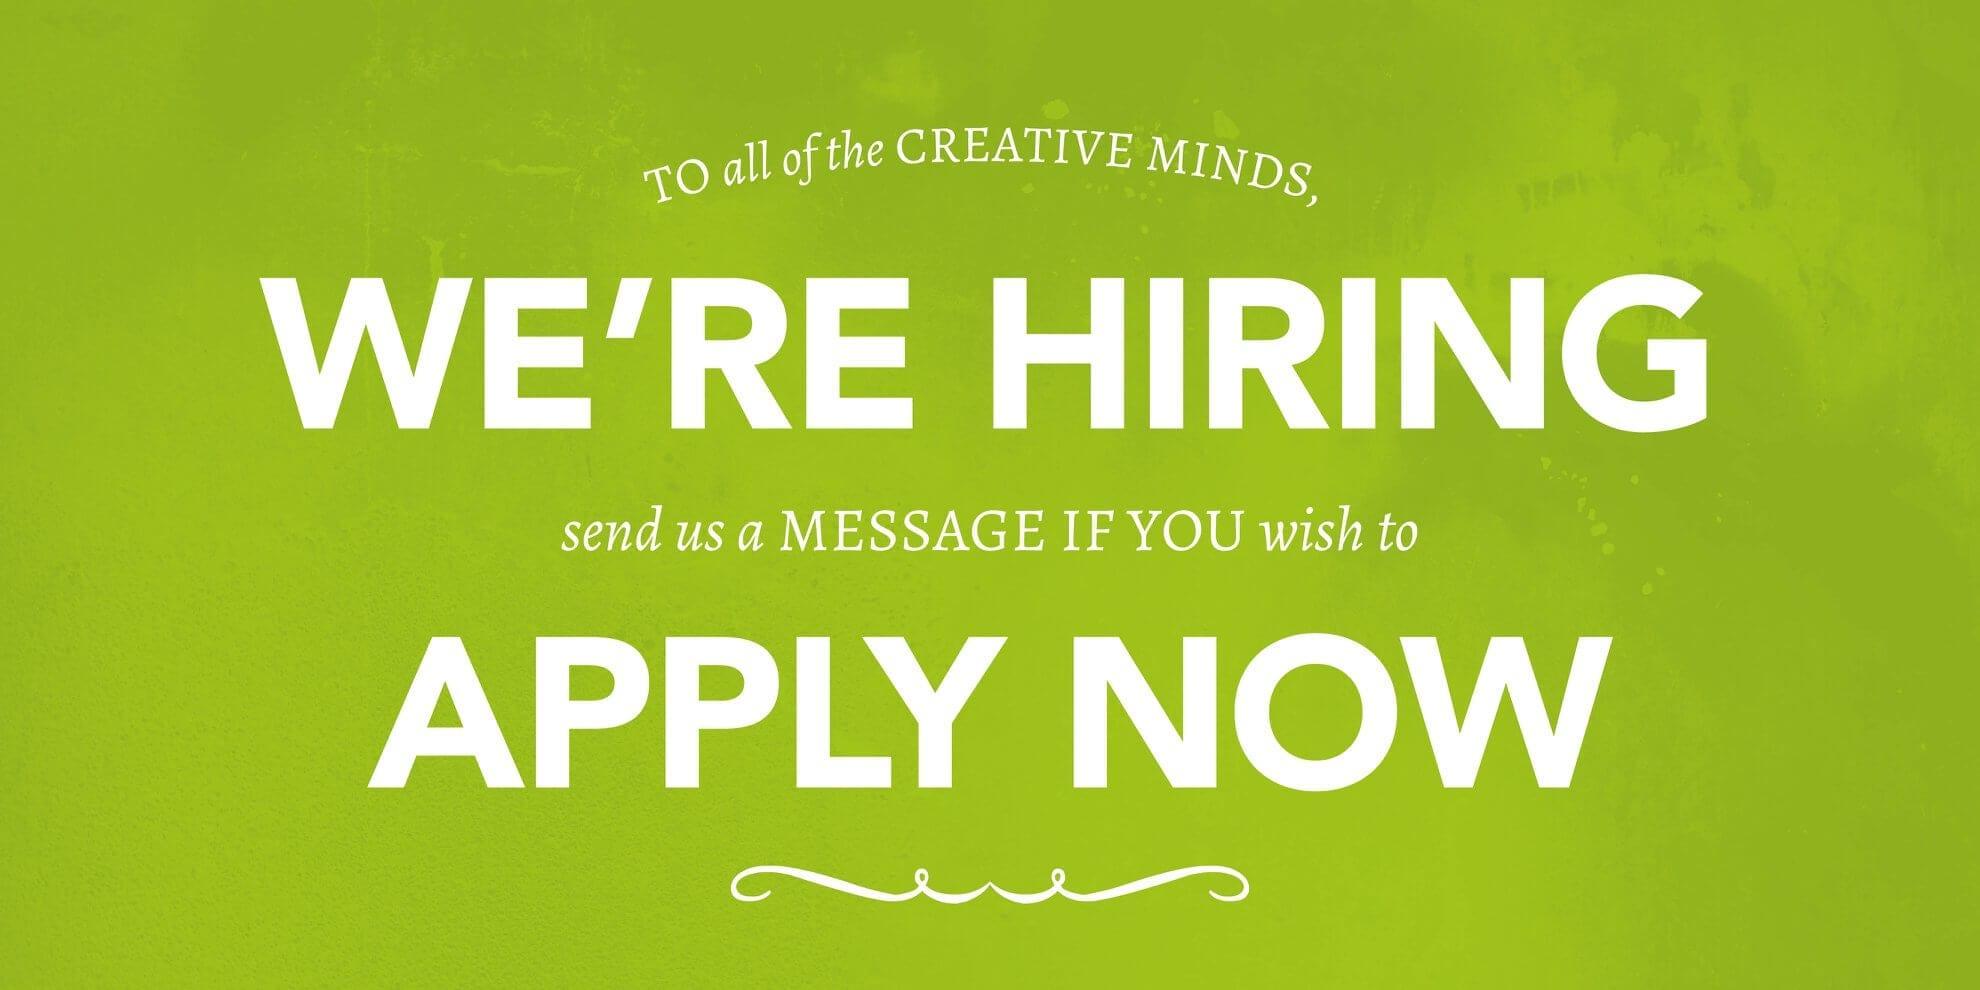 exeter design jobs nettl vacancies